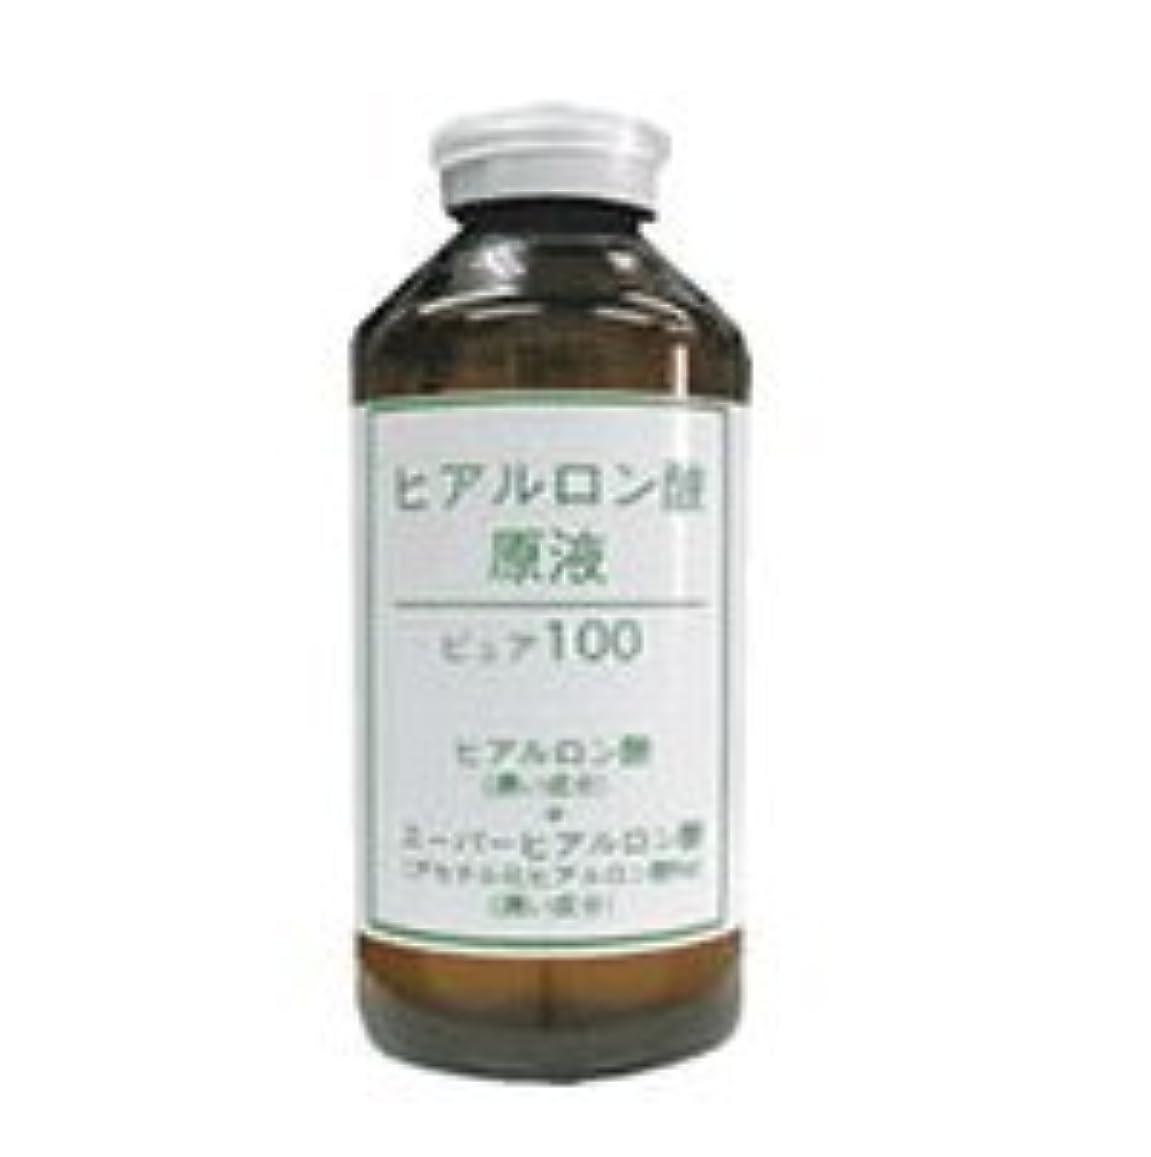 絶え間ないノイズレギュラーヒアルロン酸原液 ピュアエッセンス 55ml  ヒアルロン酸+スーパーヒアルロン酸